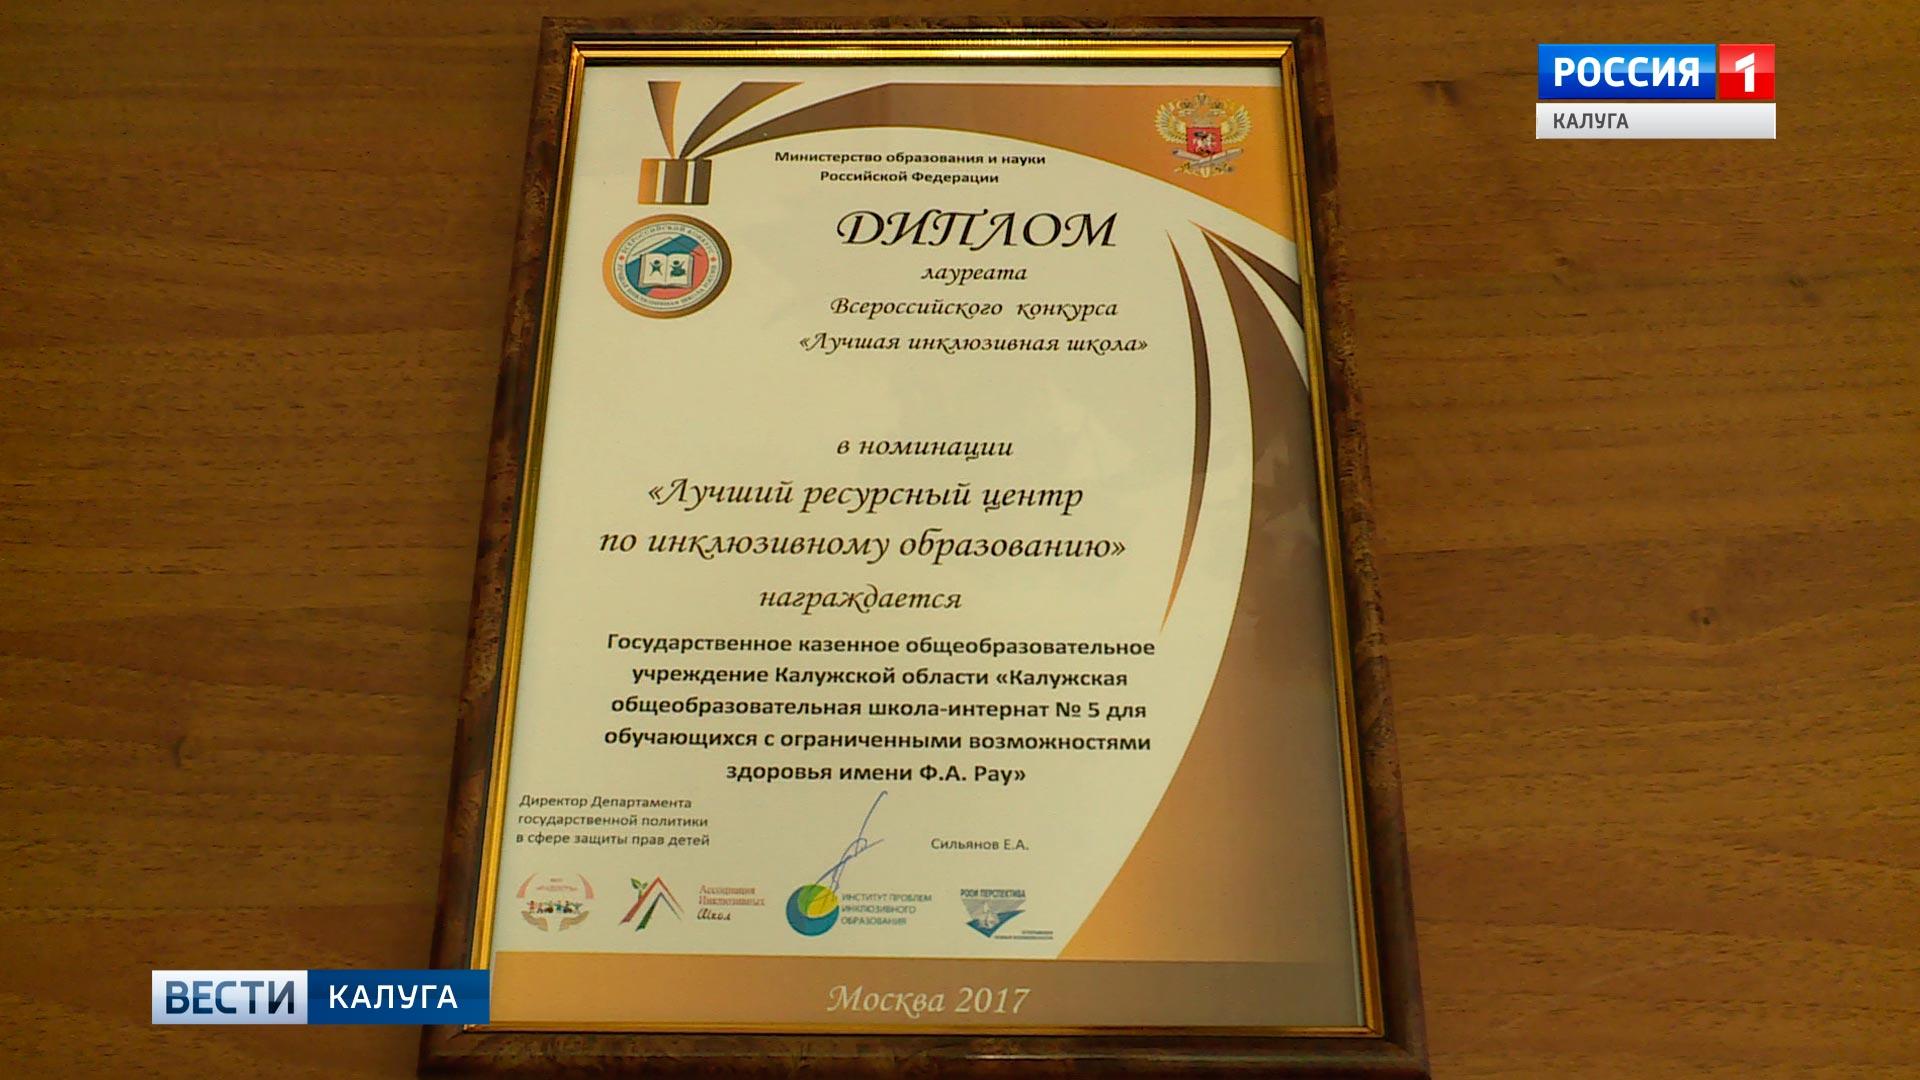 Всероссийский конкурс лучшие школ